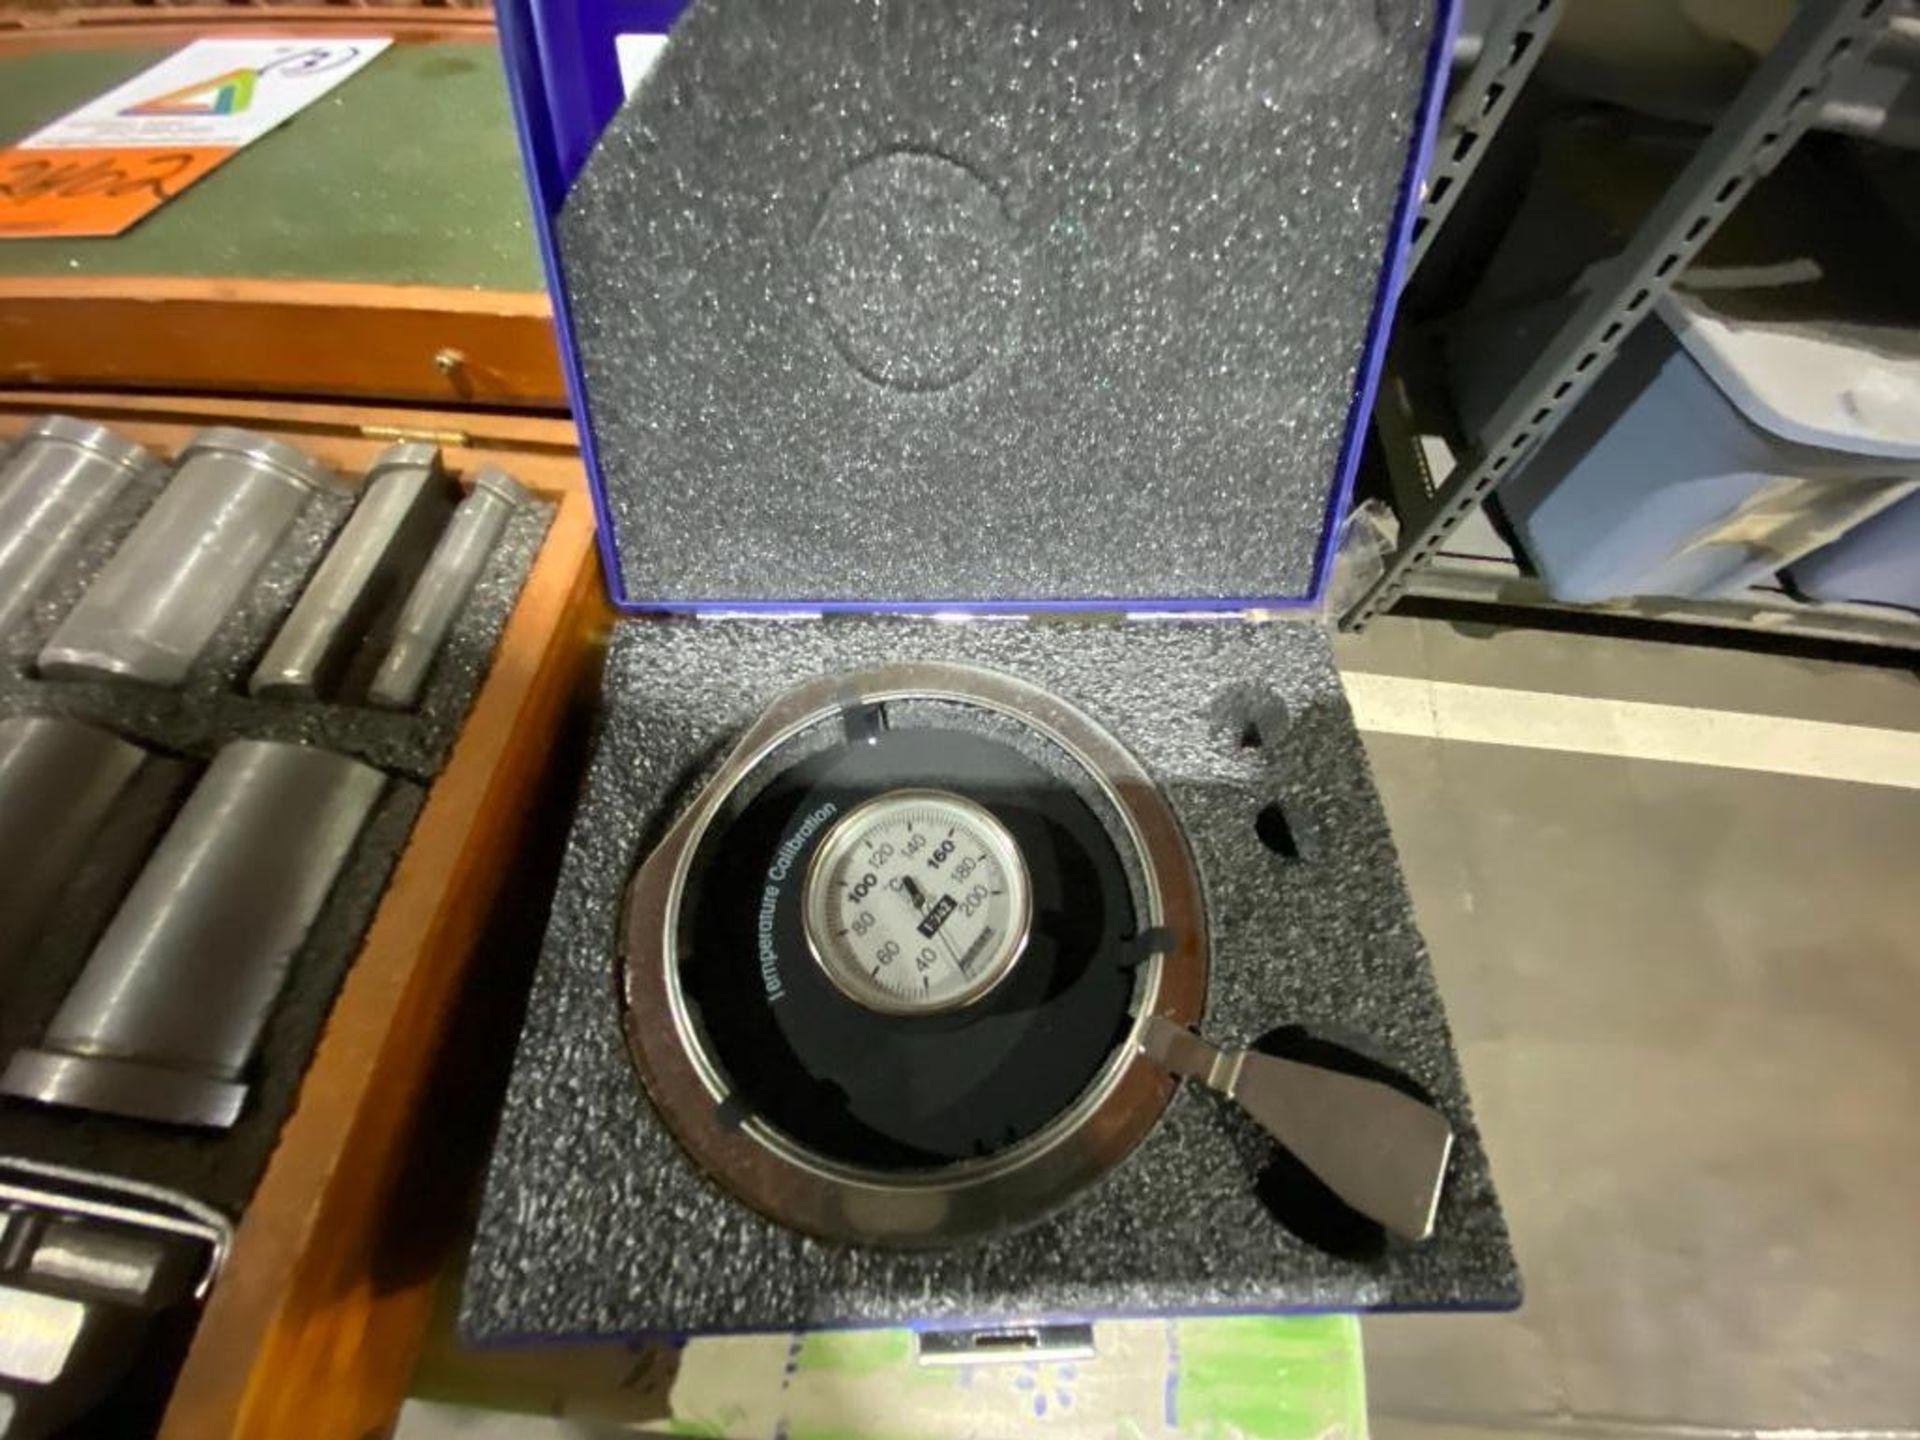 Mettler Toledo calibration kit for halogen moisture analyser - Image 2 of 3